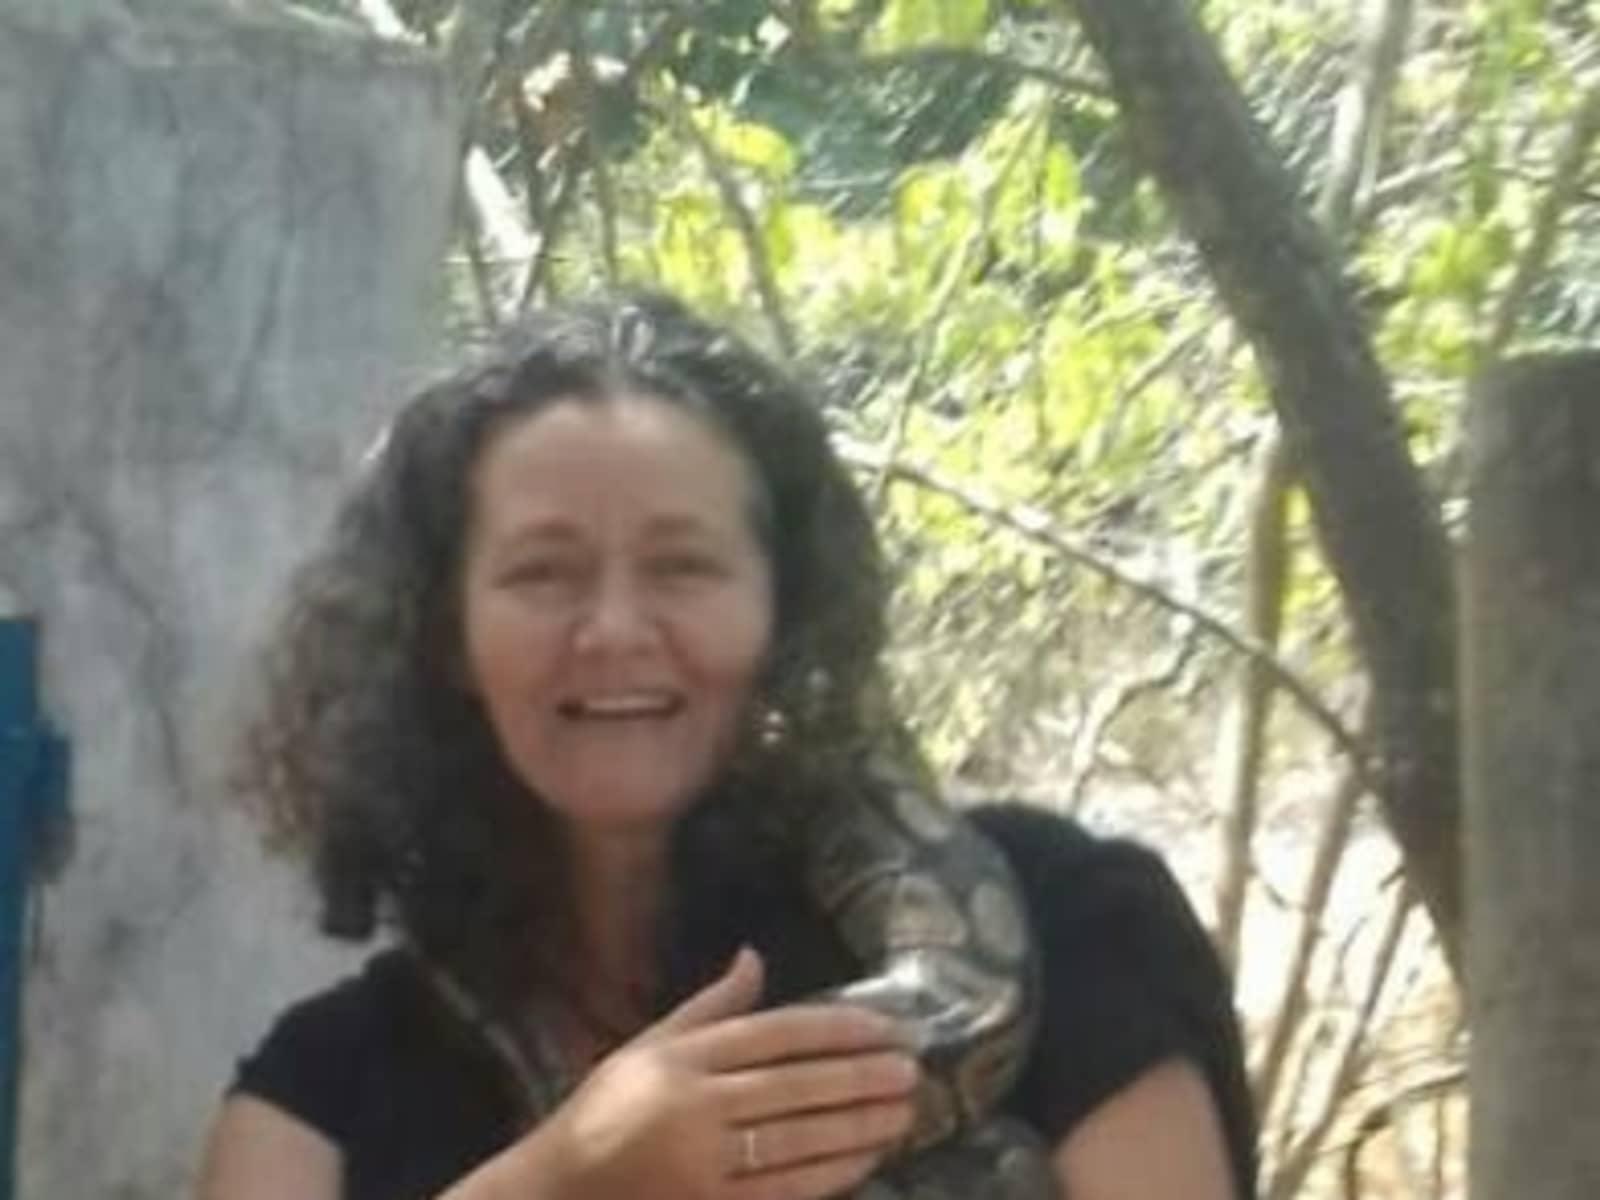 Alison from Rotorua, New Zealand